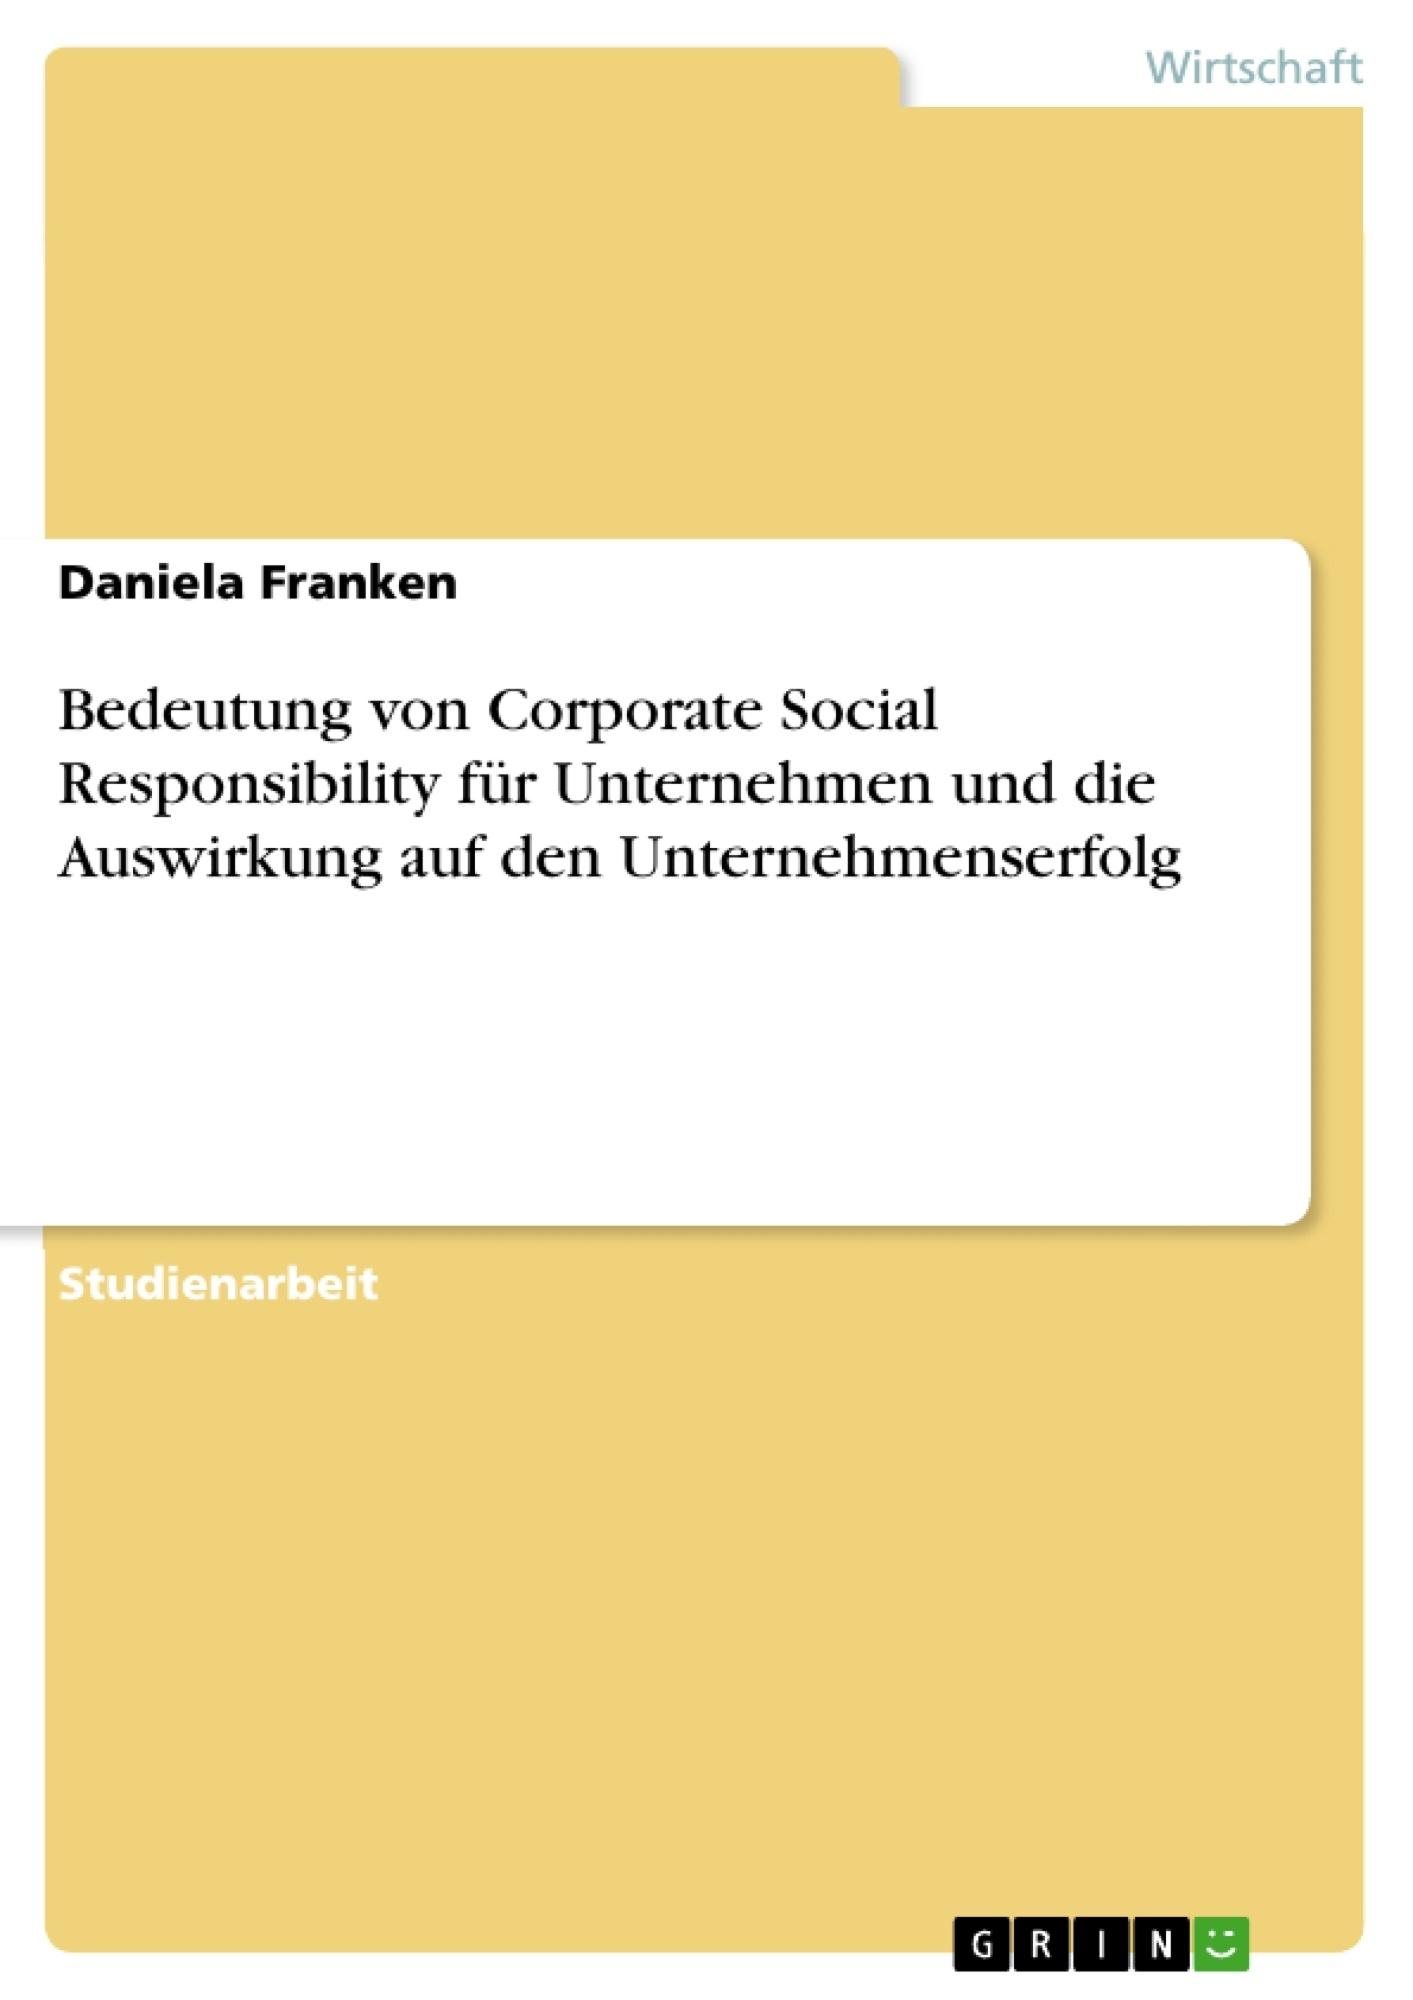 Titel: Bedeutung von Corporate Social Responsibility für Unternehmen und die Auswirkung auf den Unternehmenserfolg